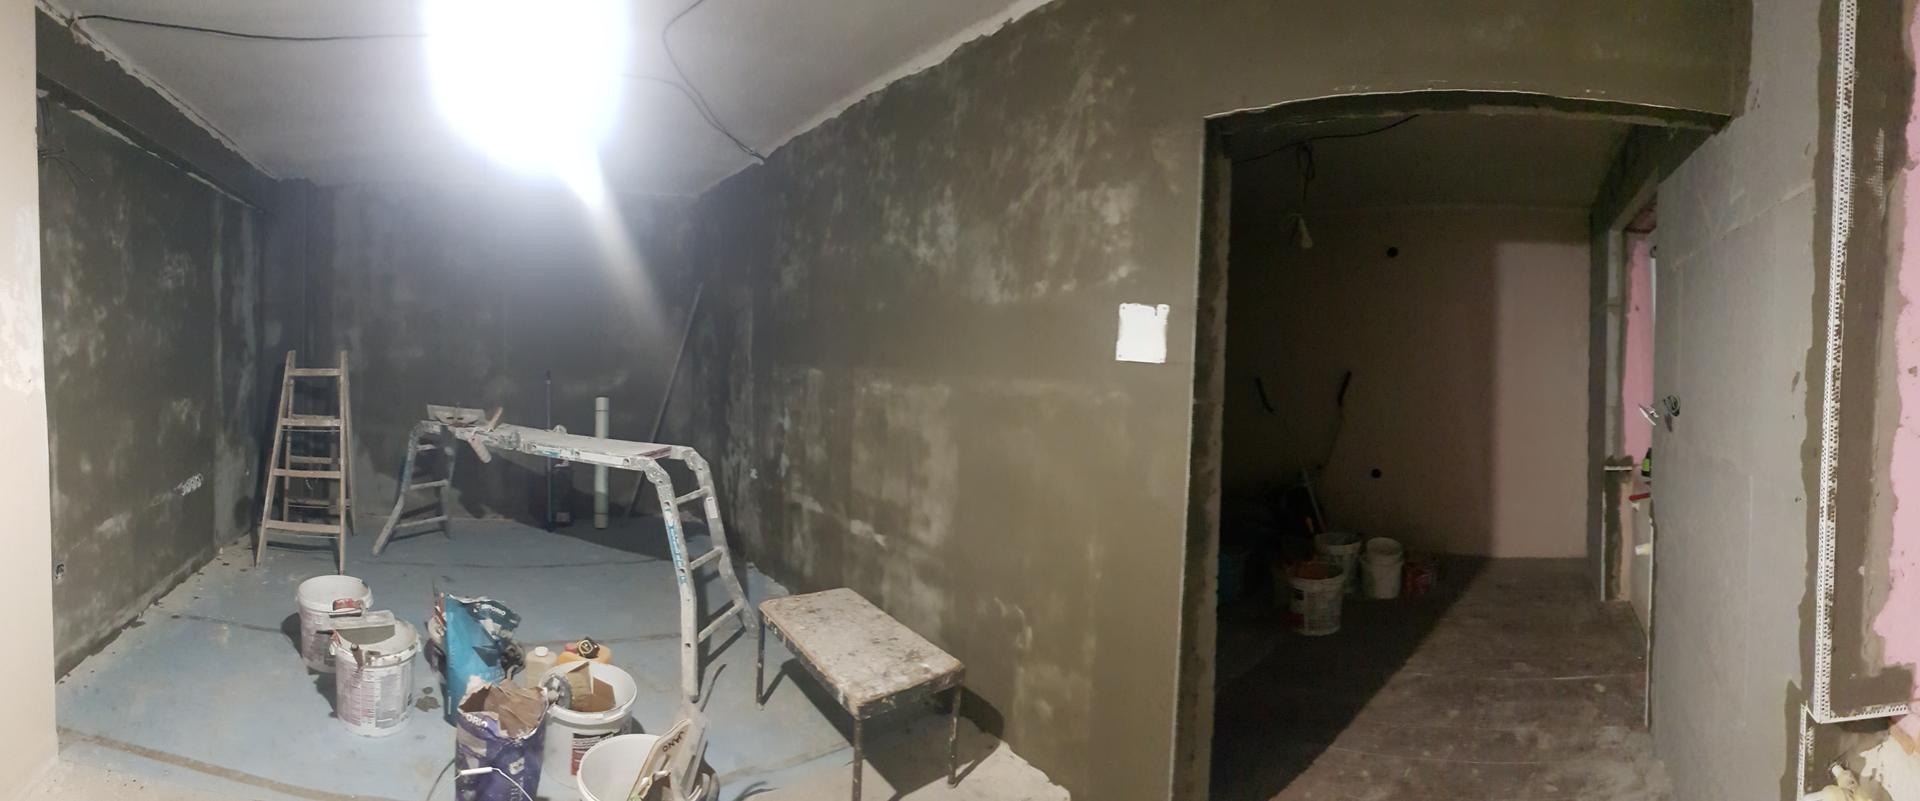 Naša rekonštrukcia - ... natiahnuté lepidlo v prvej izbe